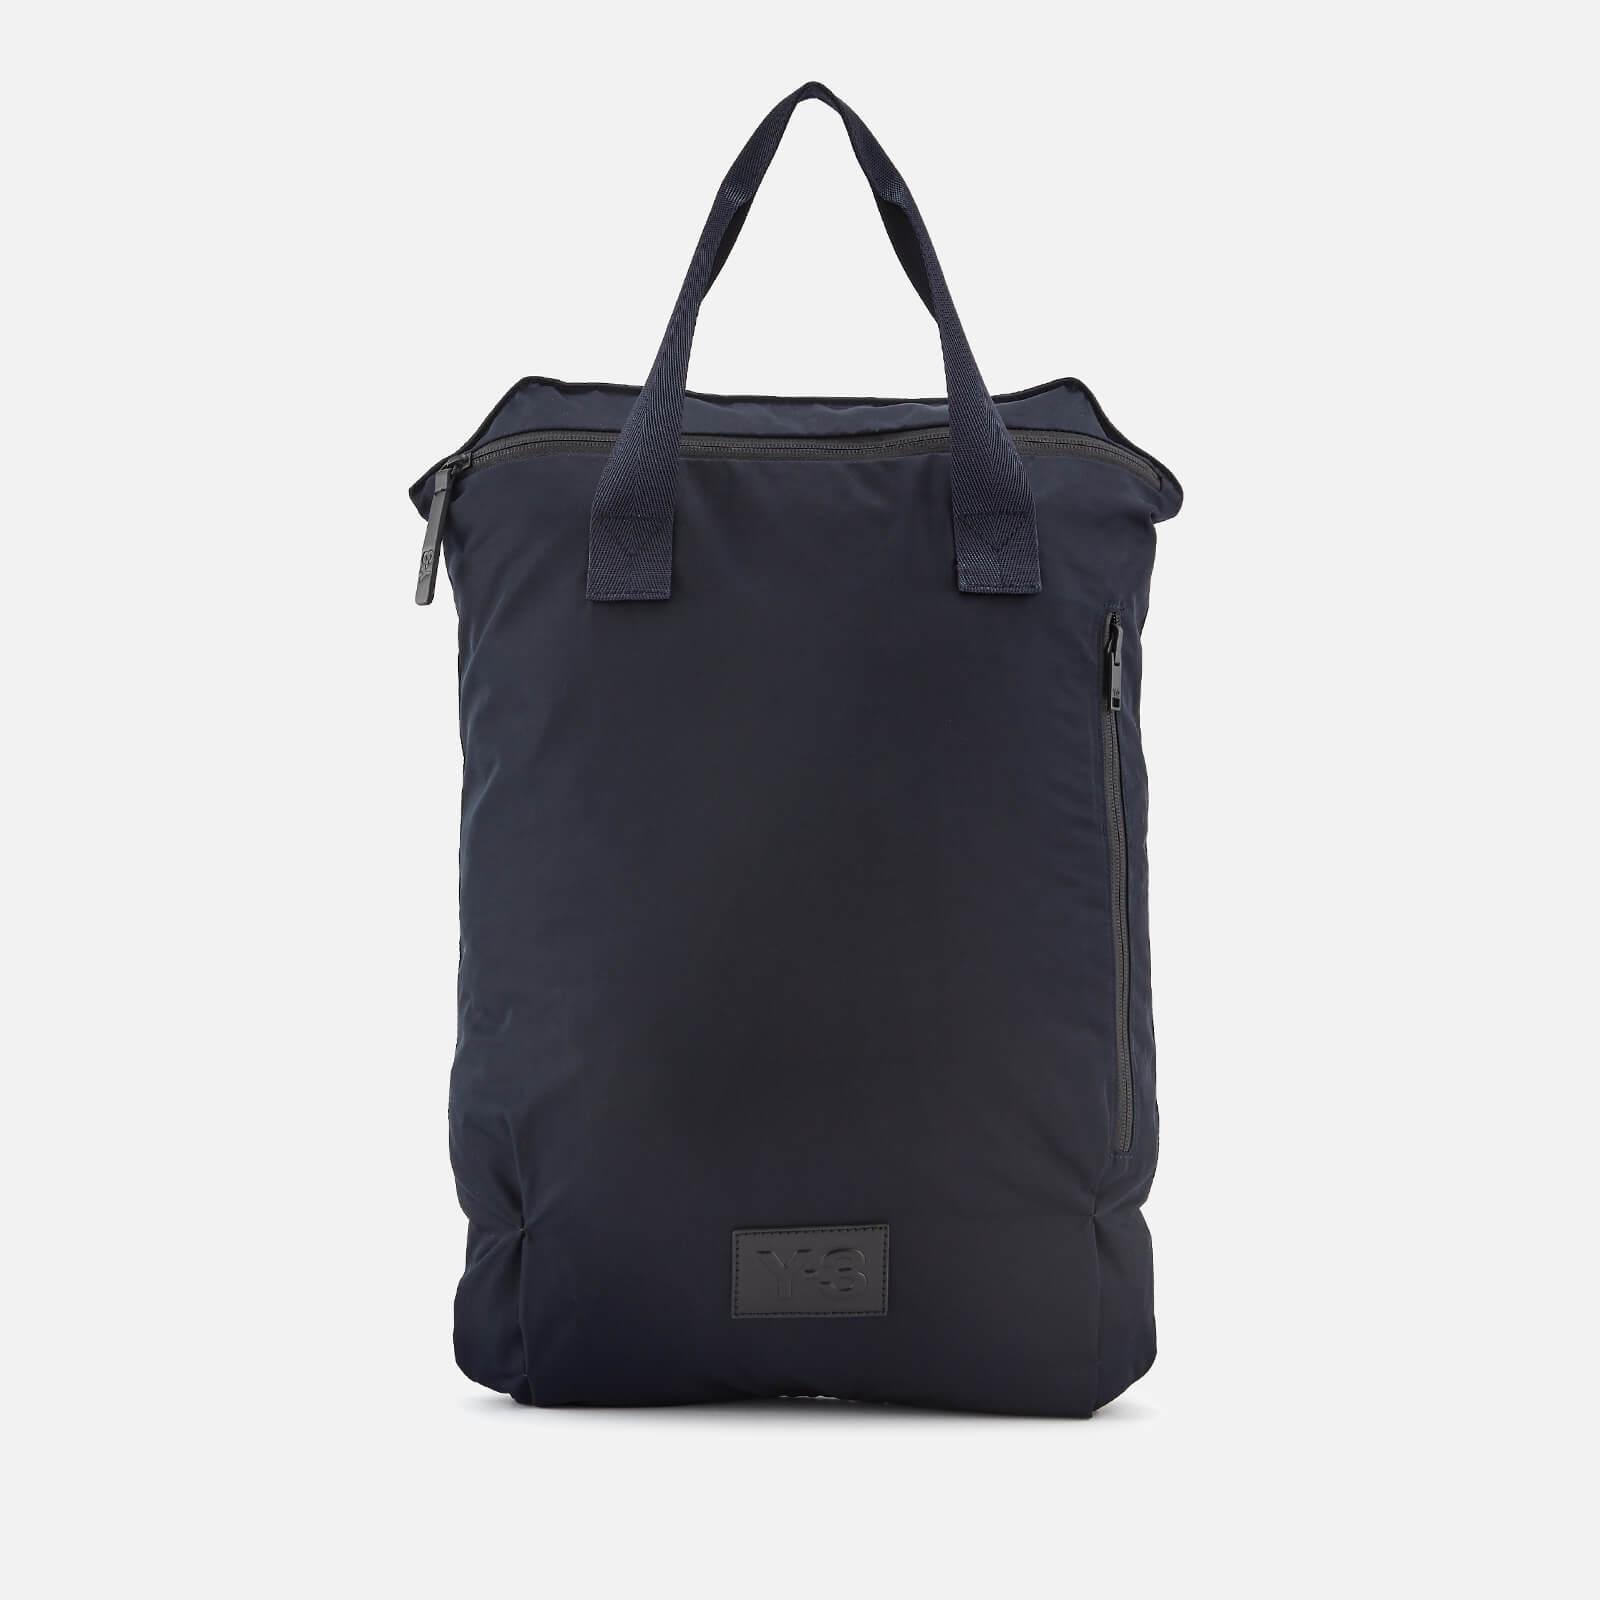 d05734351d Y-3 Packable Backpack - Ledgend Blue - Free UK Delivery over £50